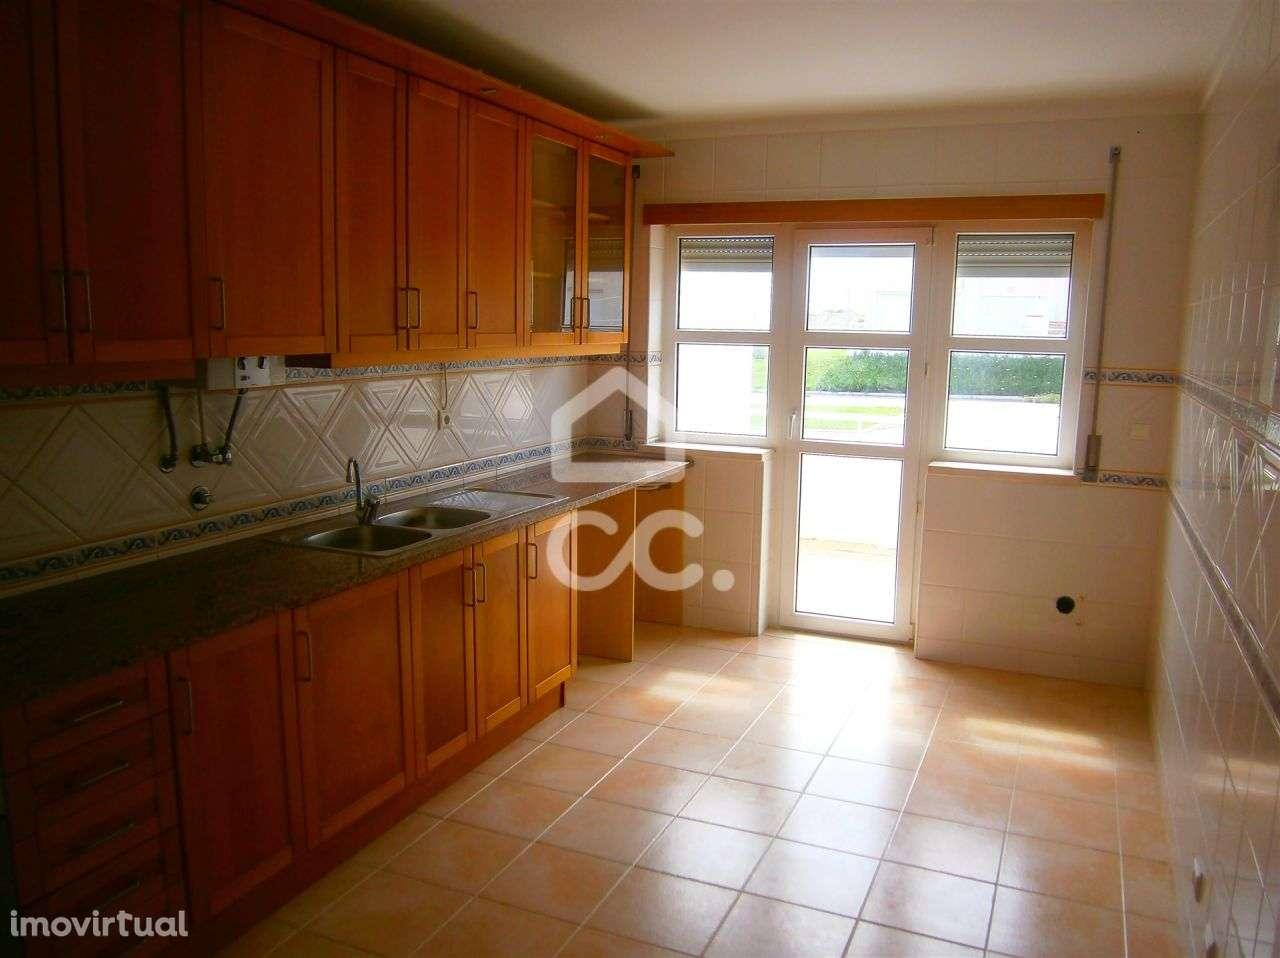 Apartamento para comprar, Ferrel, Leiria - Foto 2